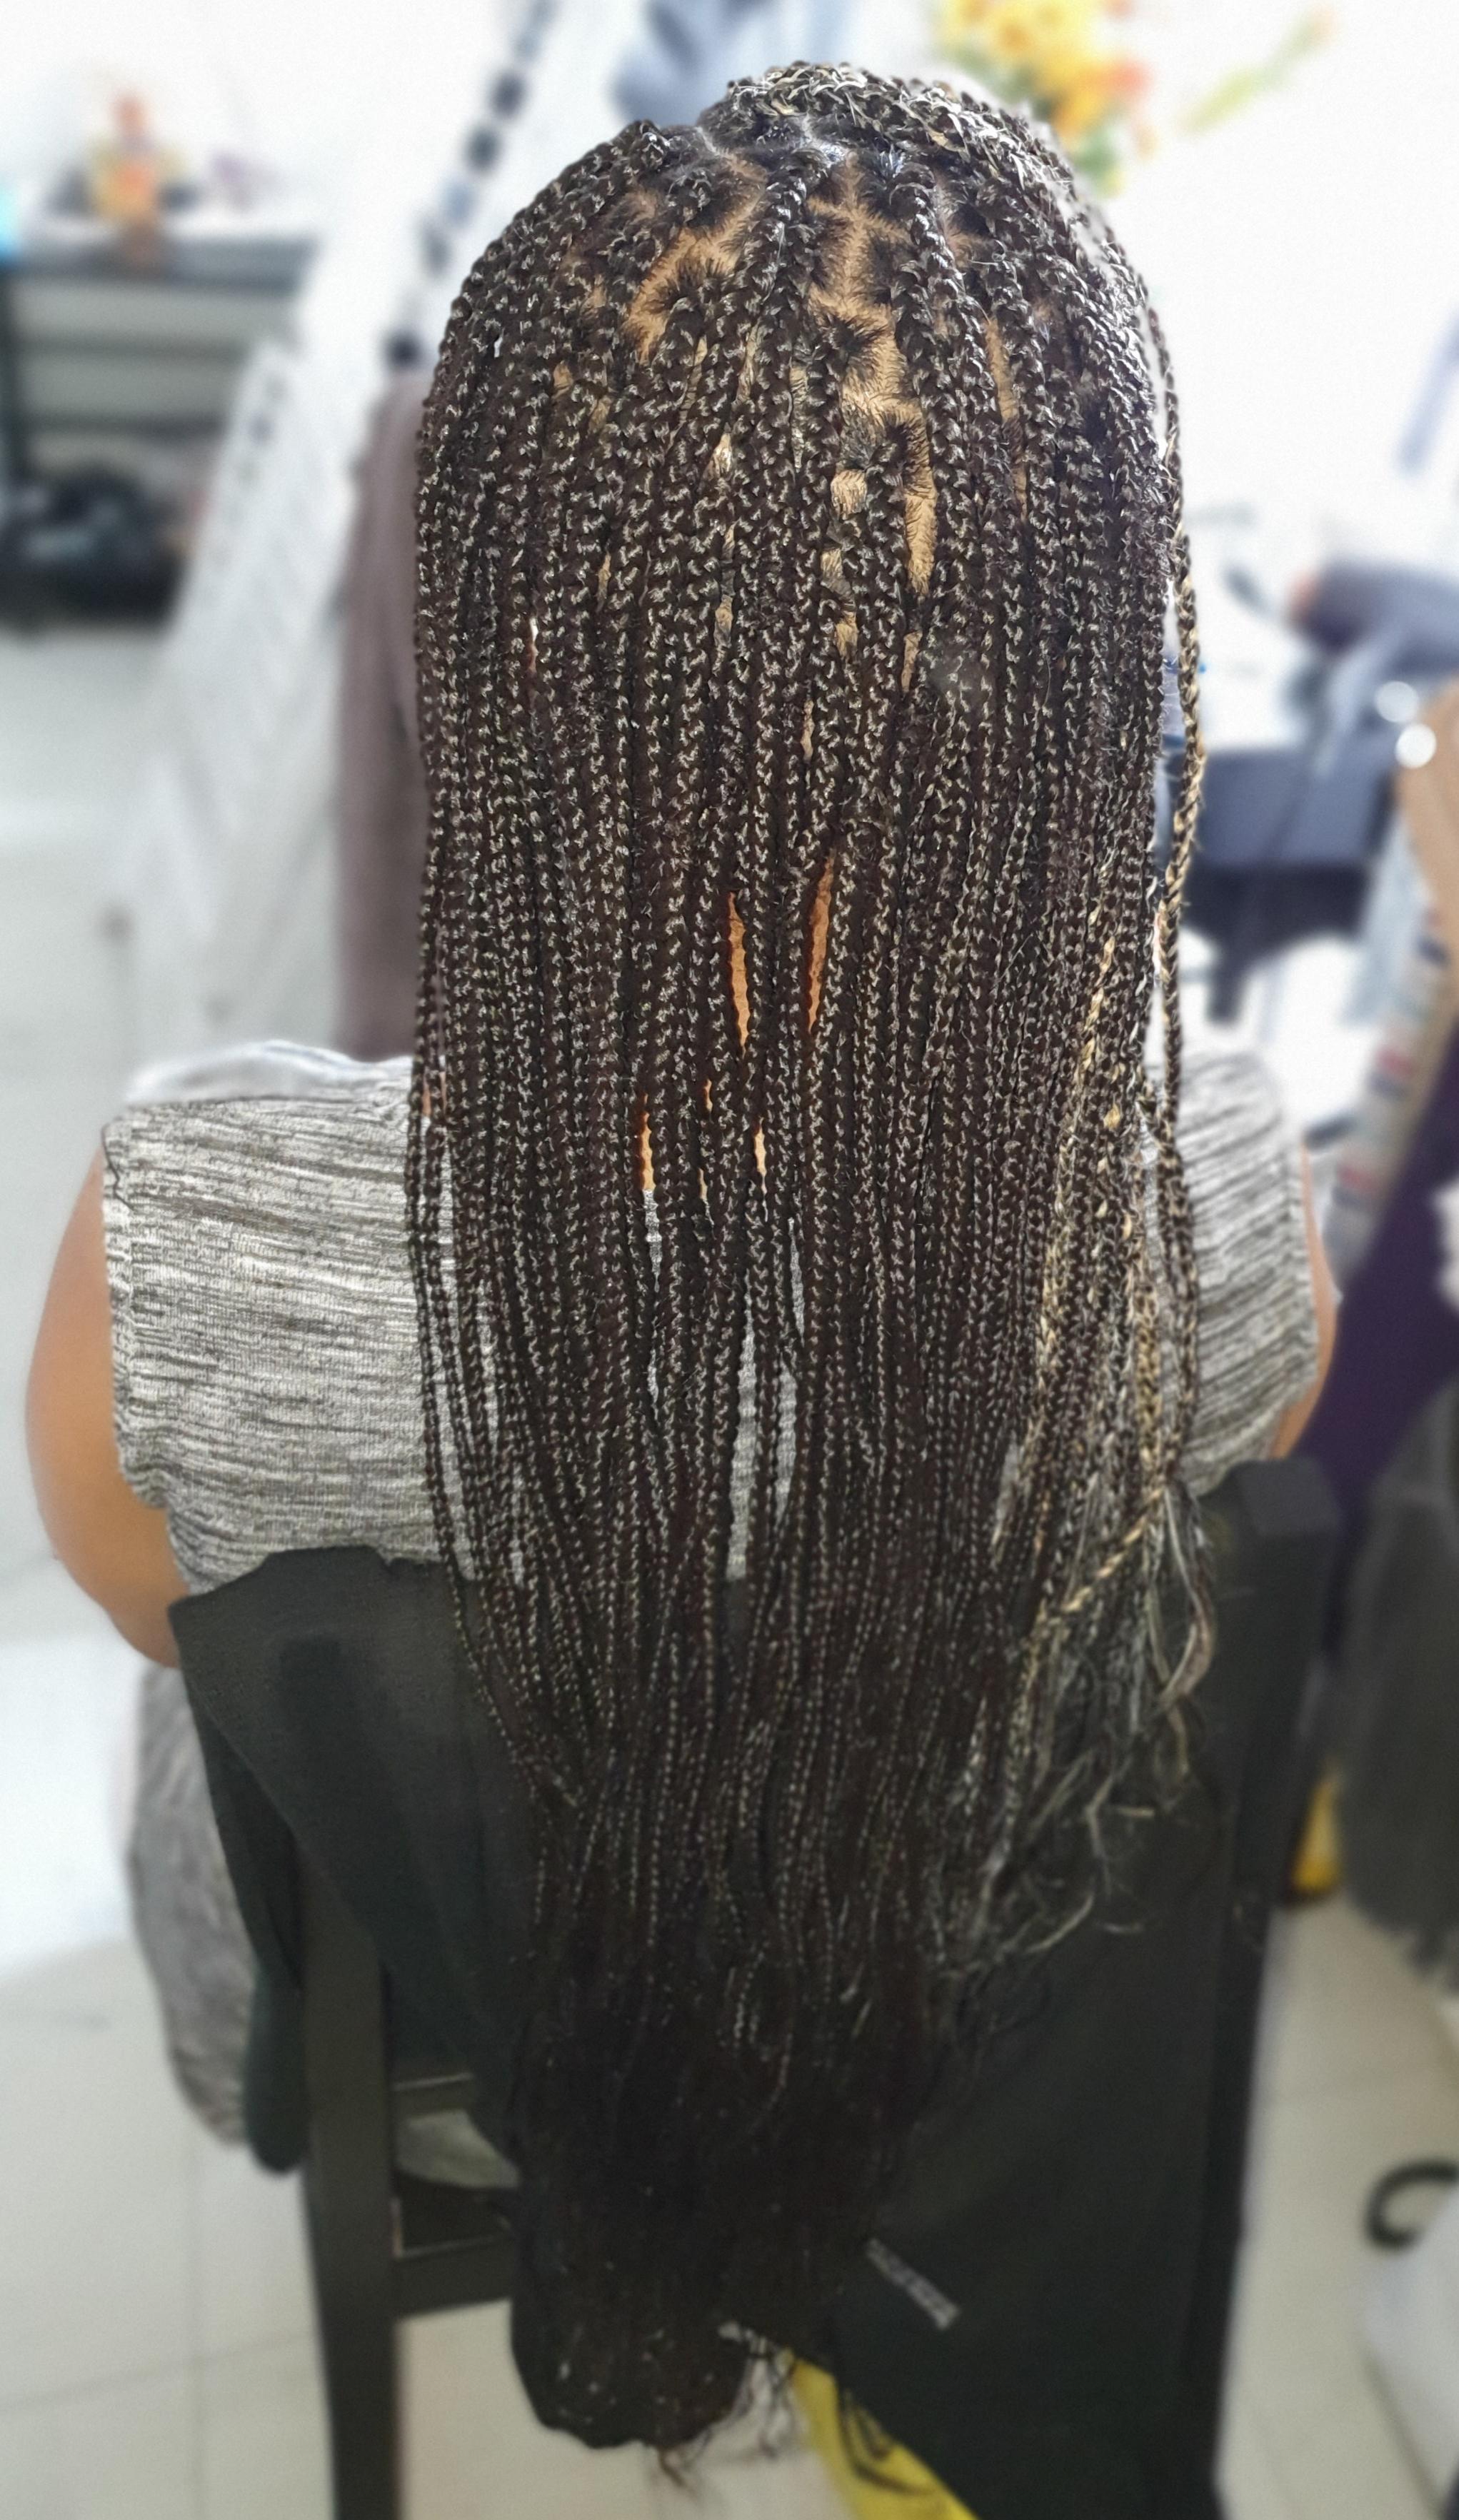 salon de coiffure afro tresse tresses box braids crochet braids vanilles tissages paris 75 77 78 91 92 93 94 95 APXSGSMF